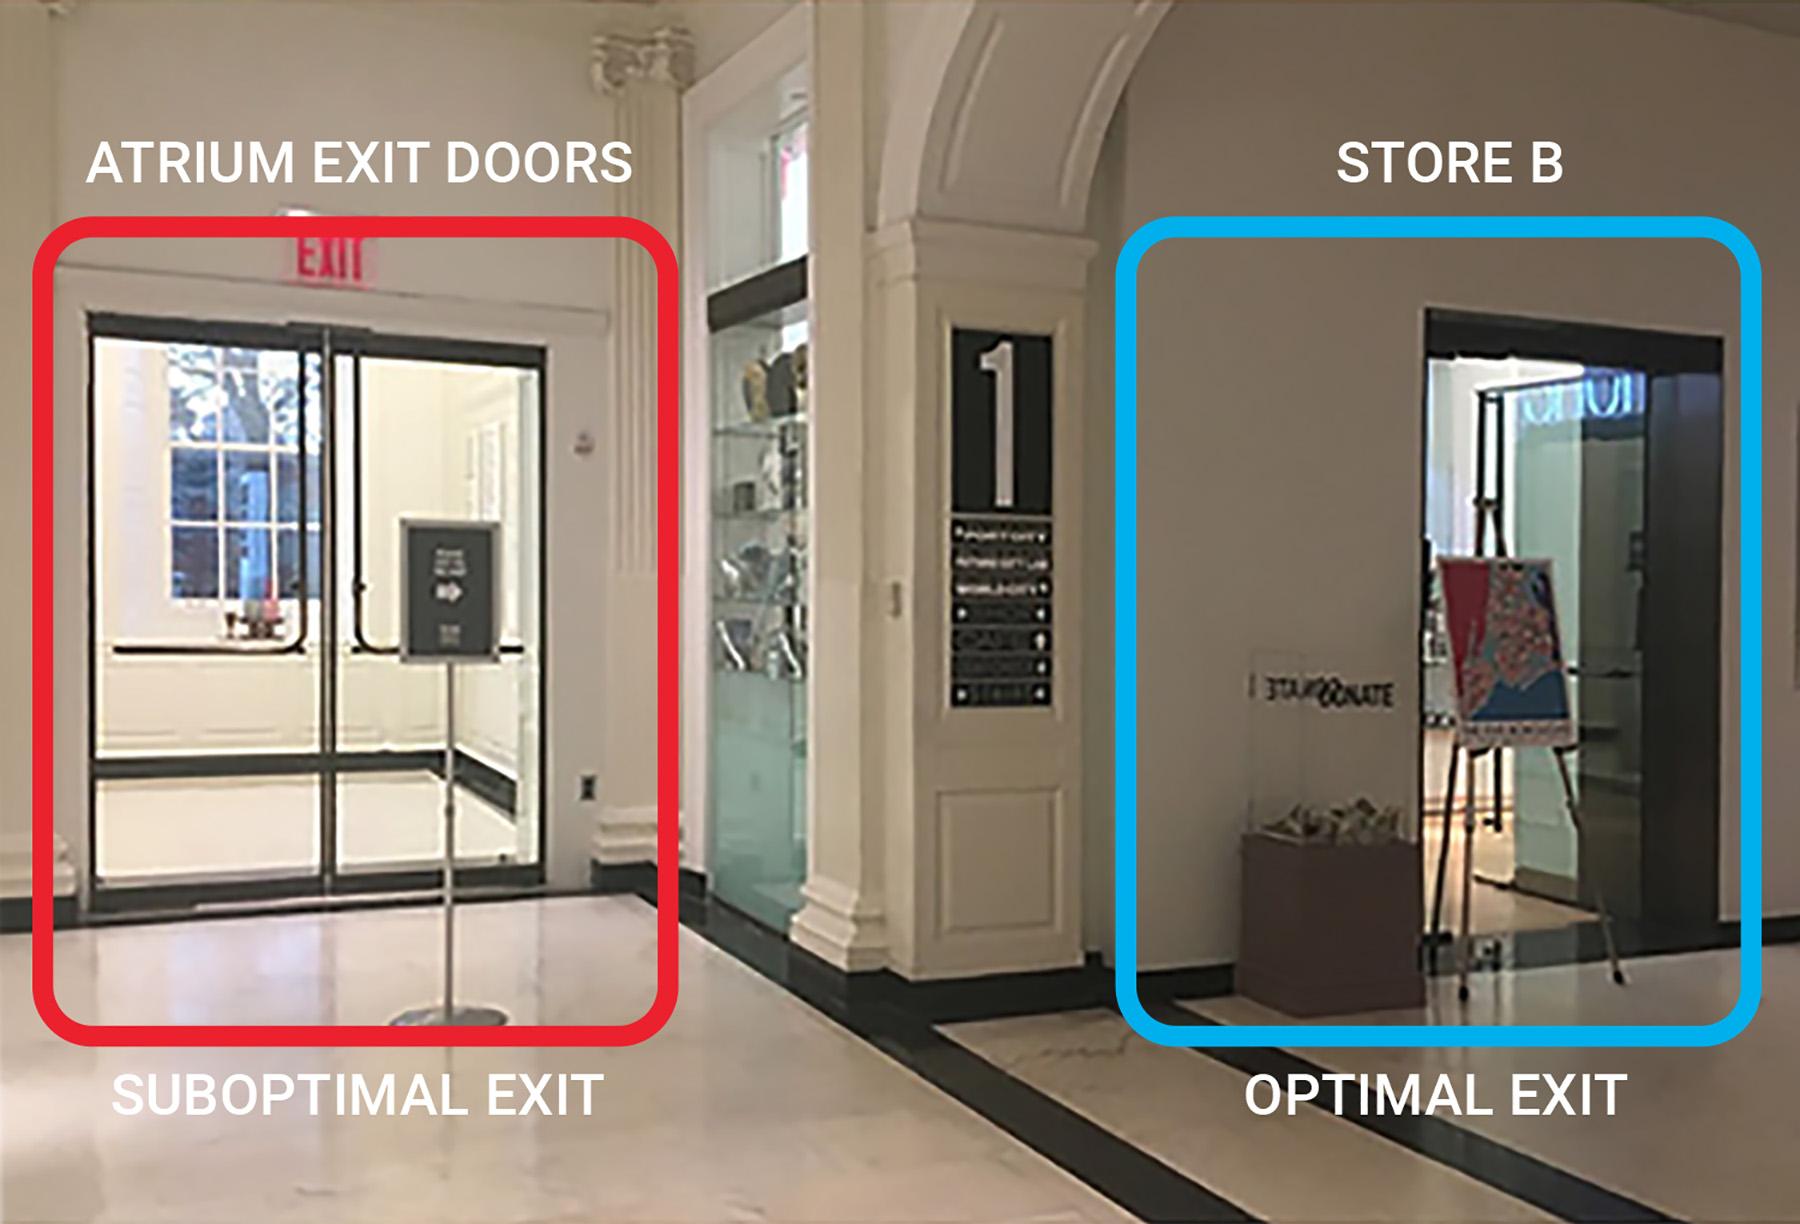 SUB_OPTIMAL EXITS.jpg